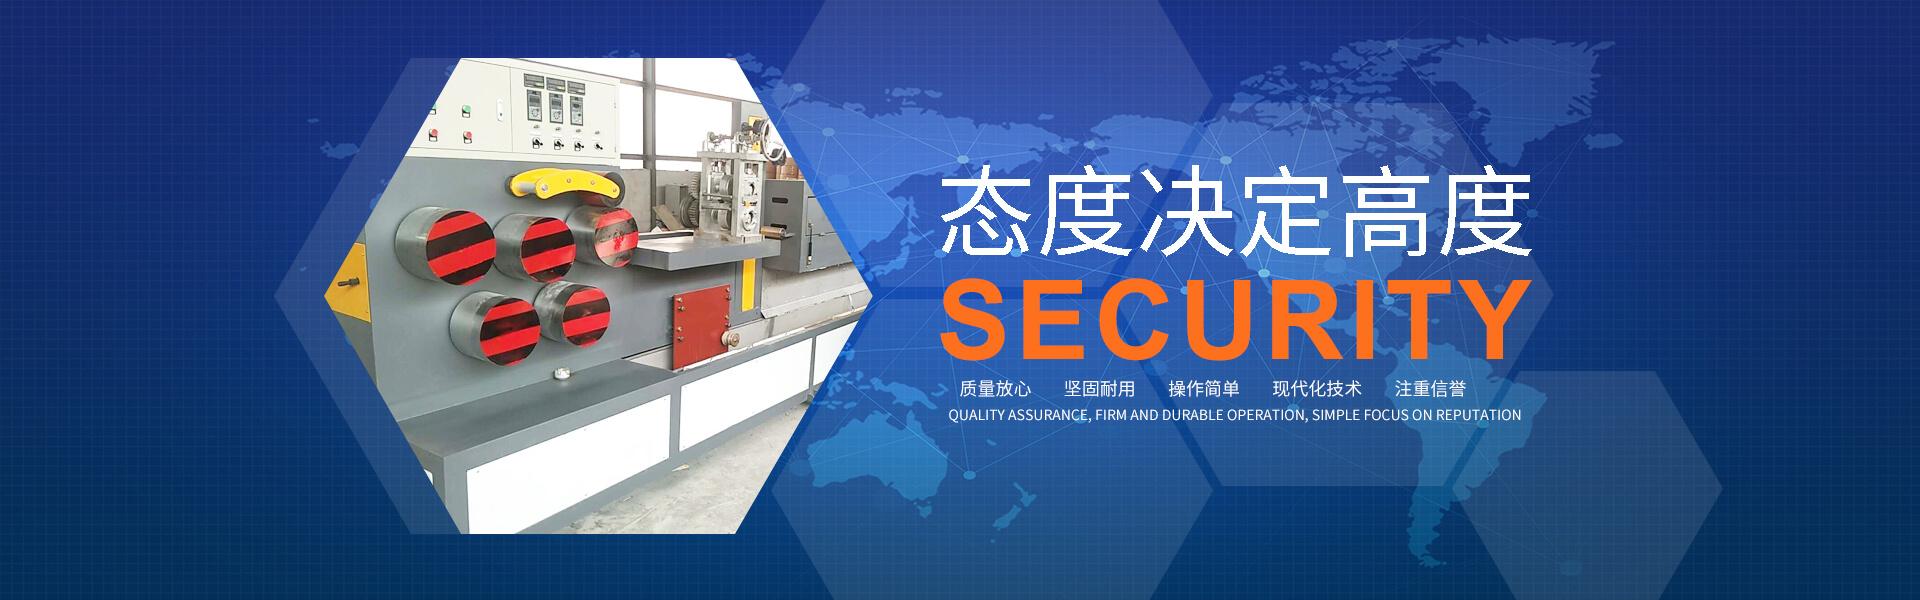 河东区耀亮机械厂主营各种型号的PP打包带设备,PET打包带设备,欢迎有意向者前来咨询购买,详情请咨询:13605499500